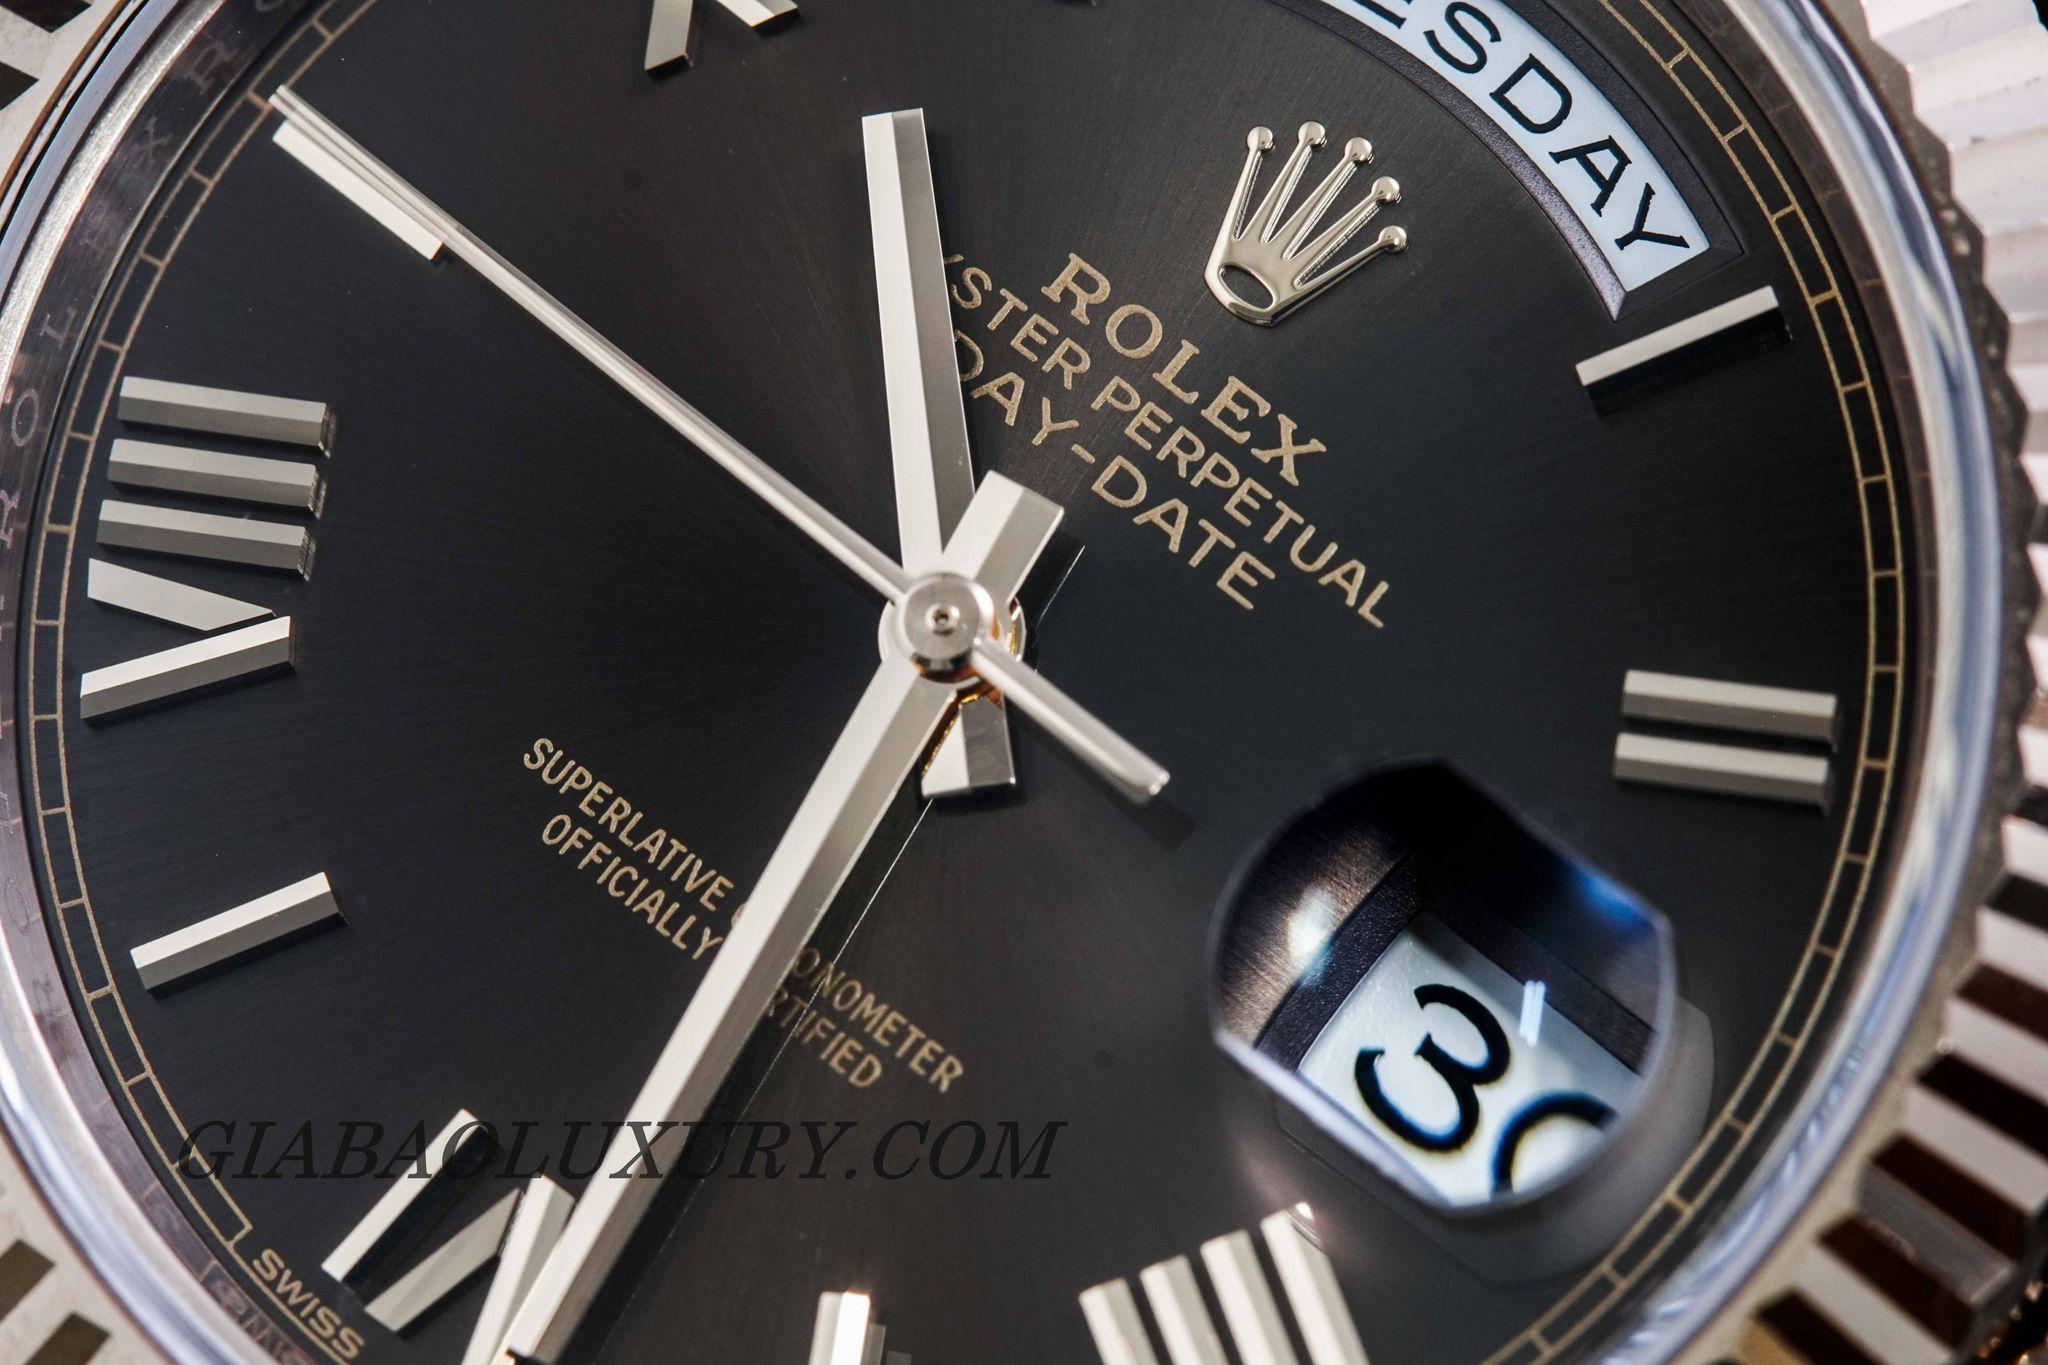 Phiên bản đồng hồ cao cấp làm từ chất liệu vàng Everose 18K sở hữu bộ máy thời gian tân tiến, hiện đại